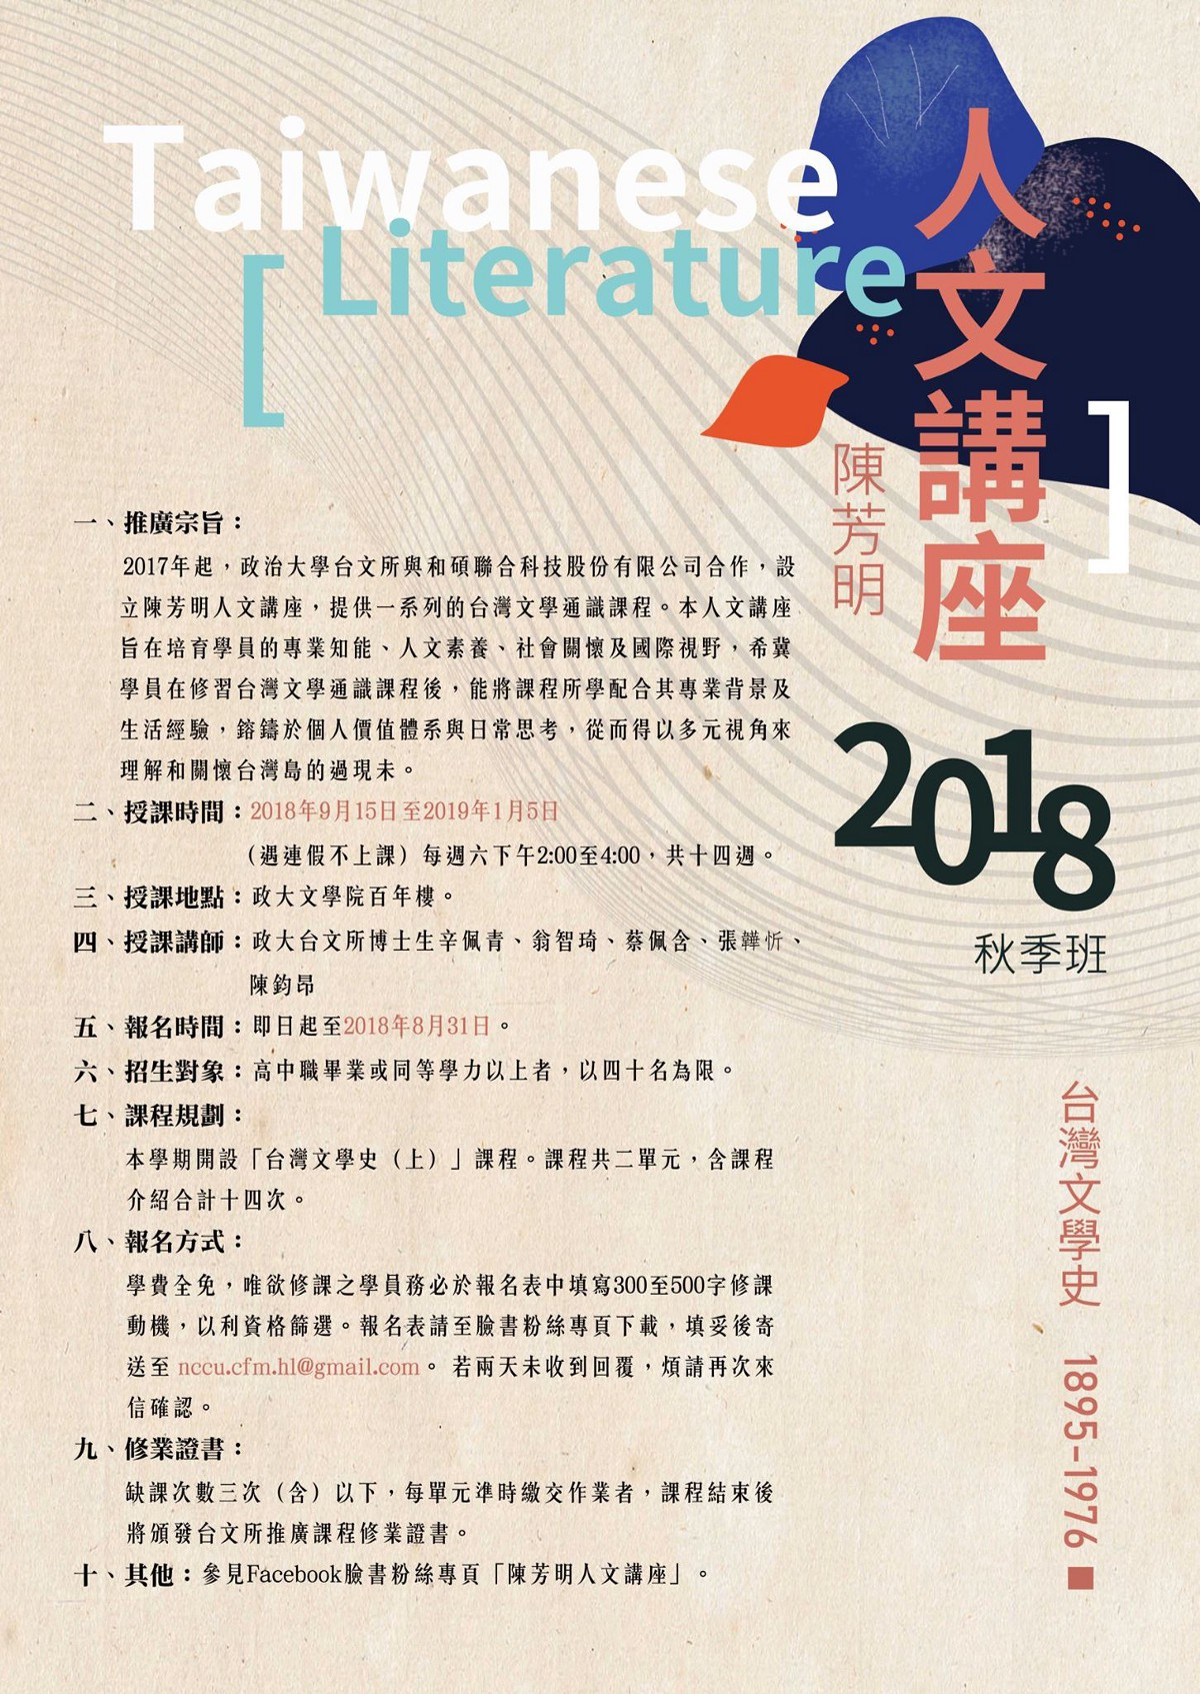 (轉)陳芳明 #臺灣文學 課程招生 - ♤研究生青紅燈♤ - Medium